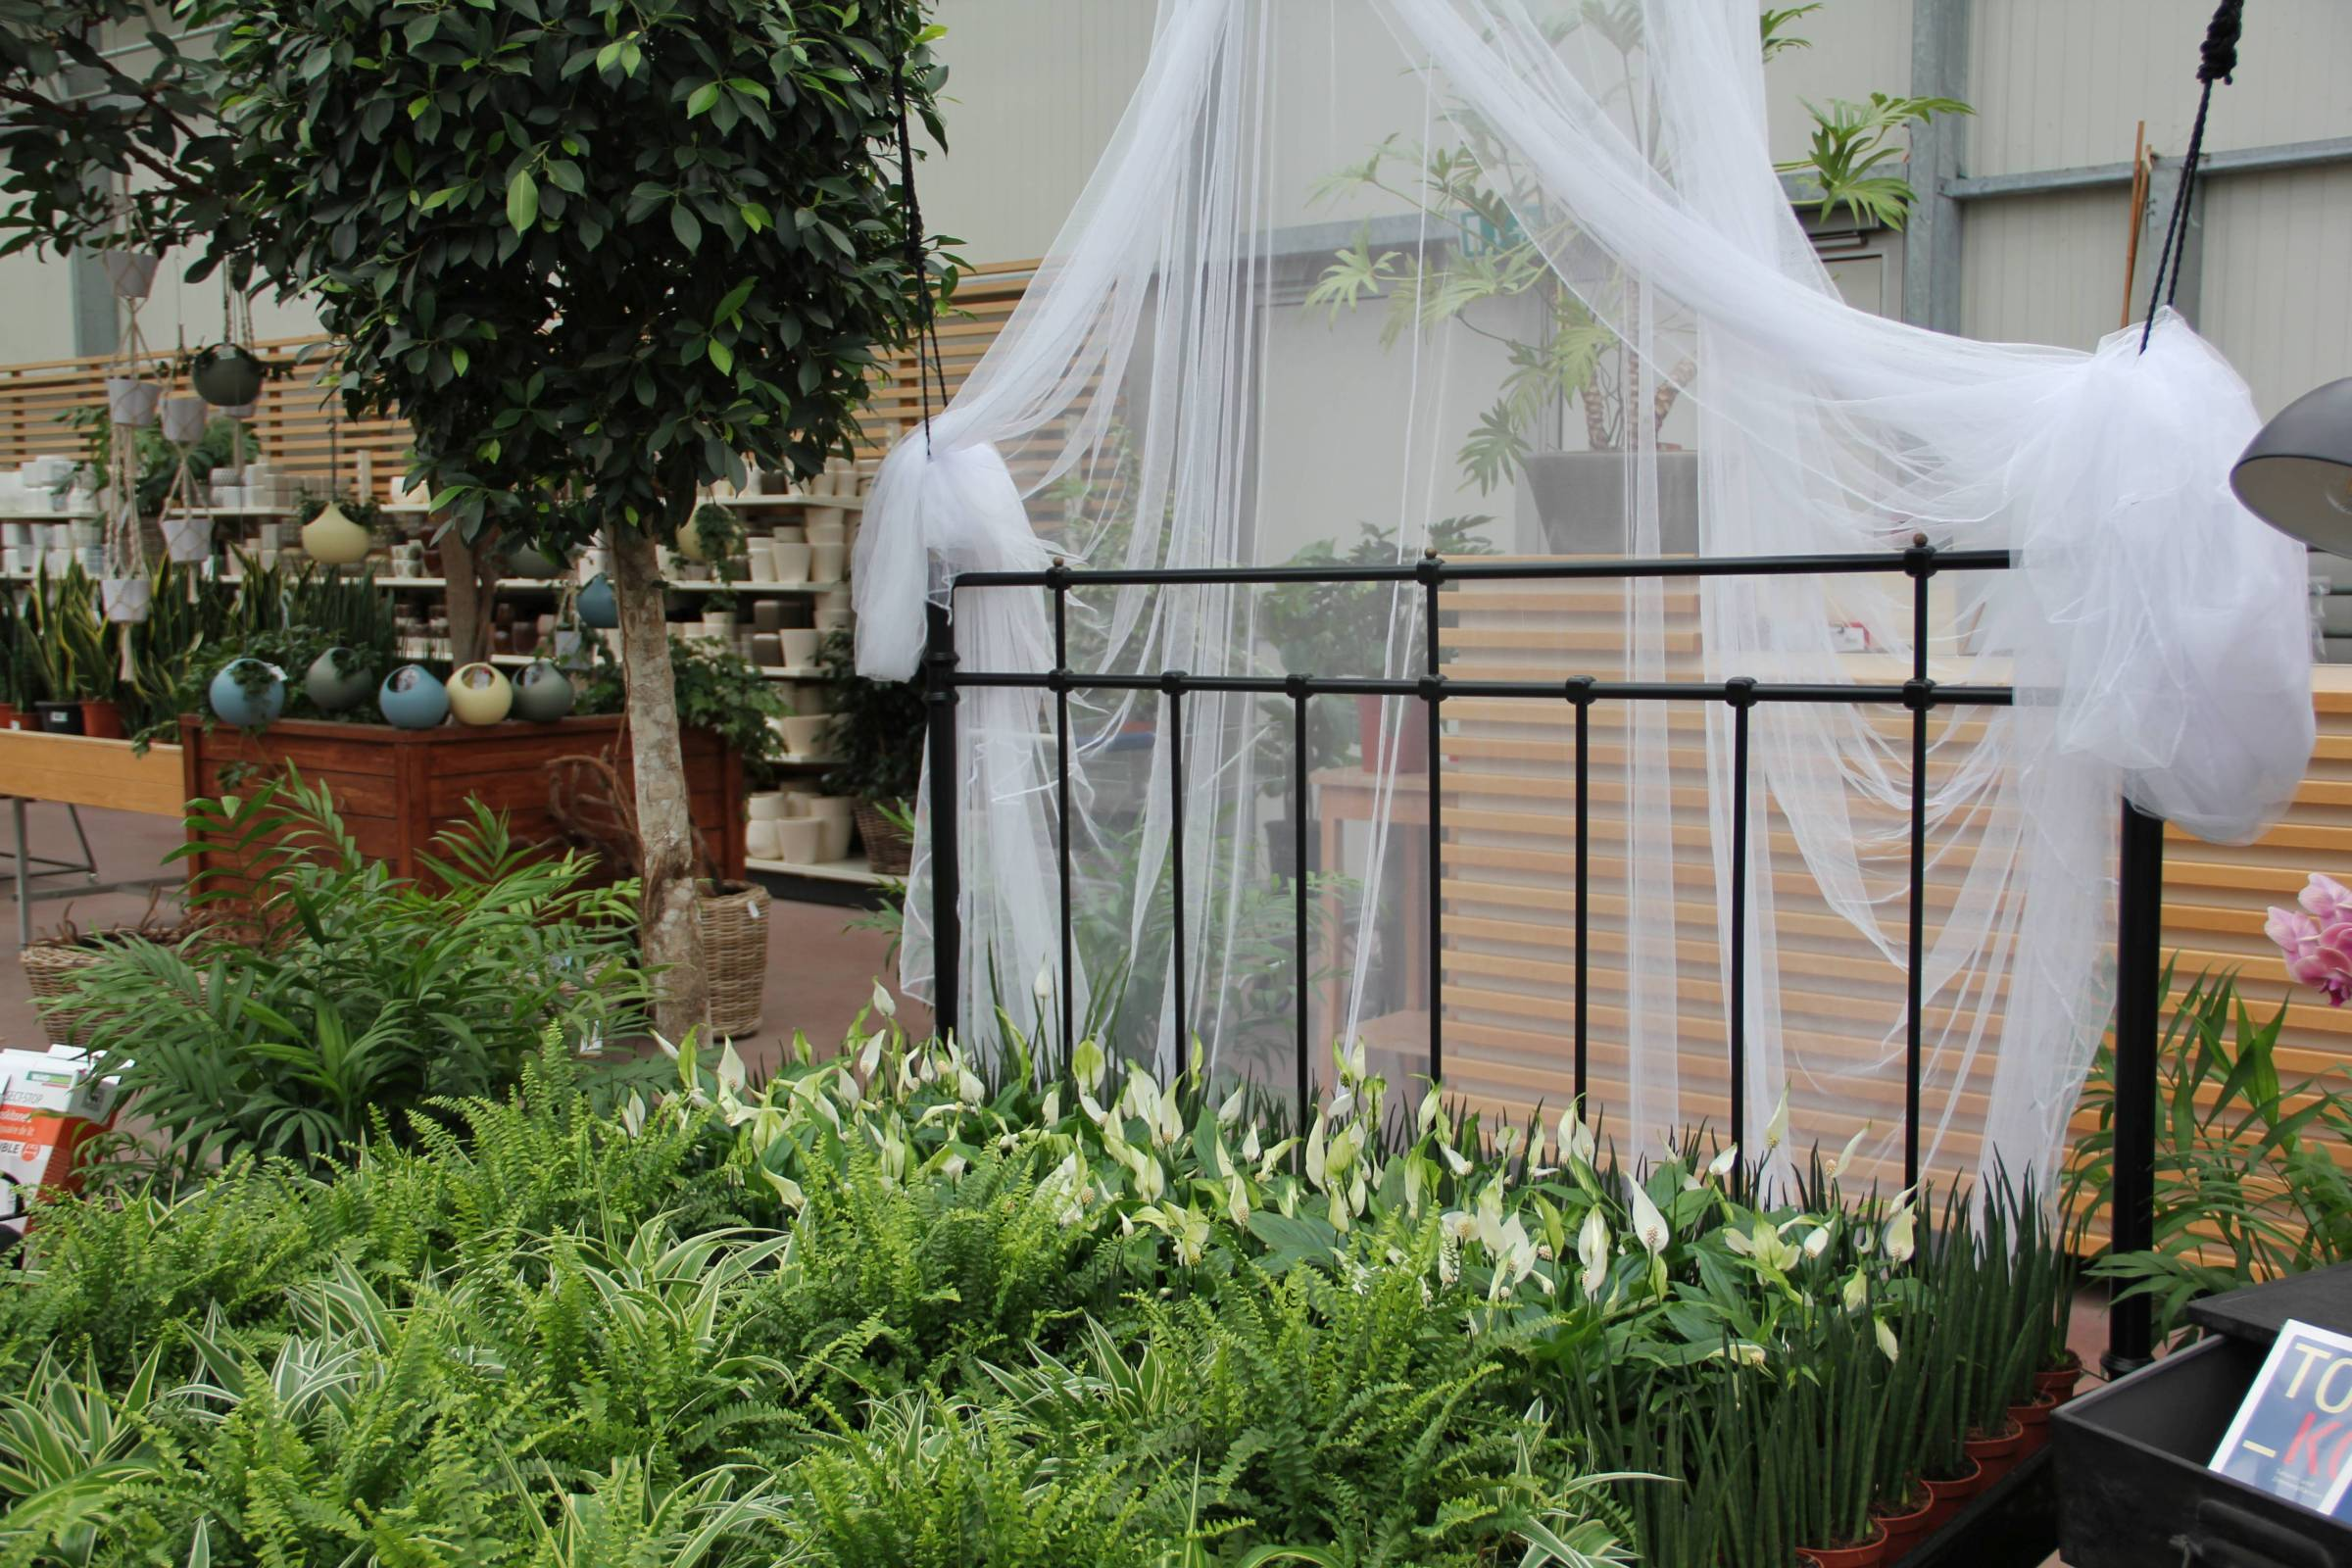 Pflanzen für das Schlafzimmer - Gartencenter Zulauf - Pflanzen kaufen